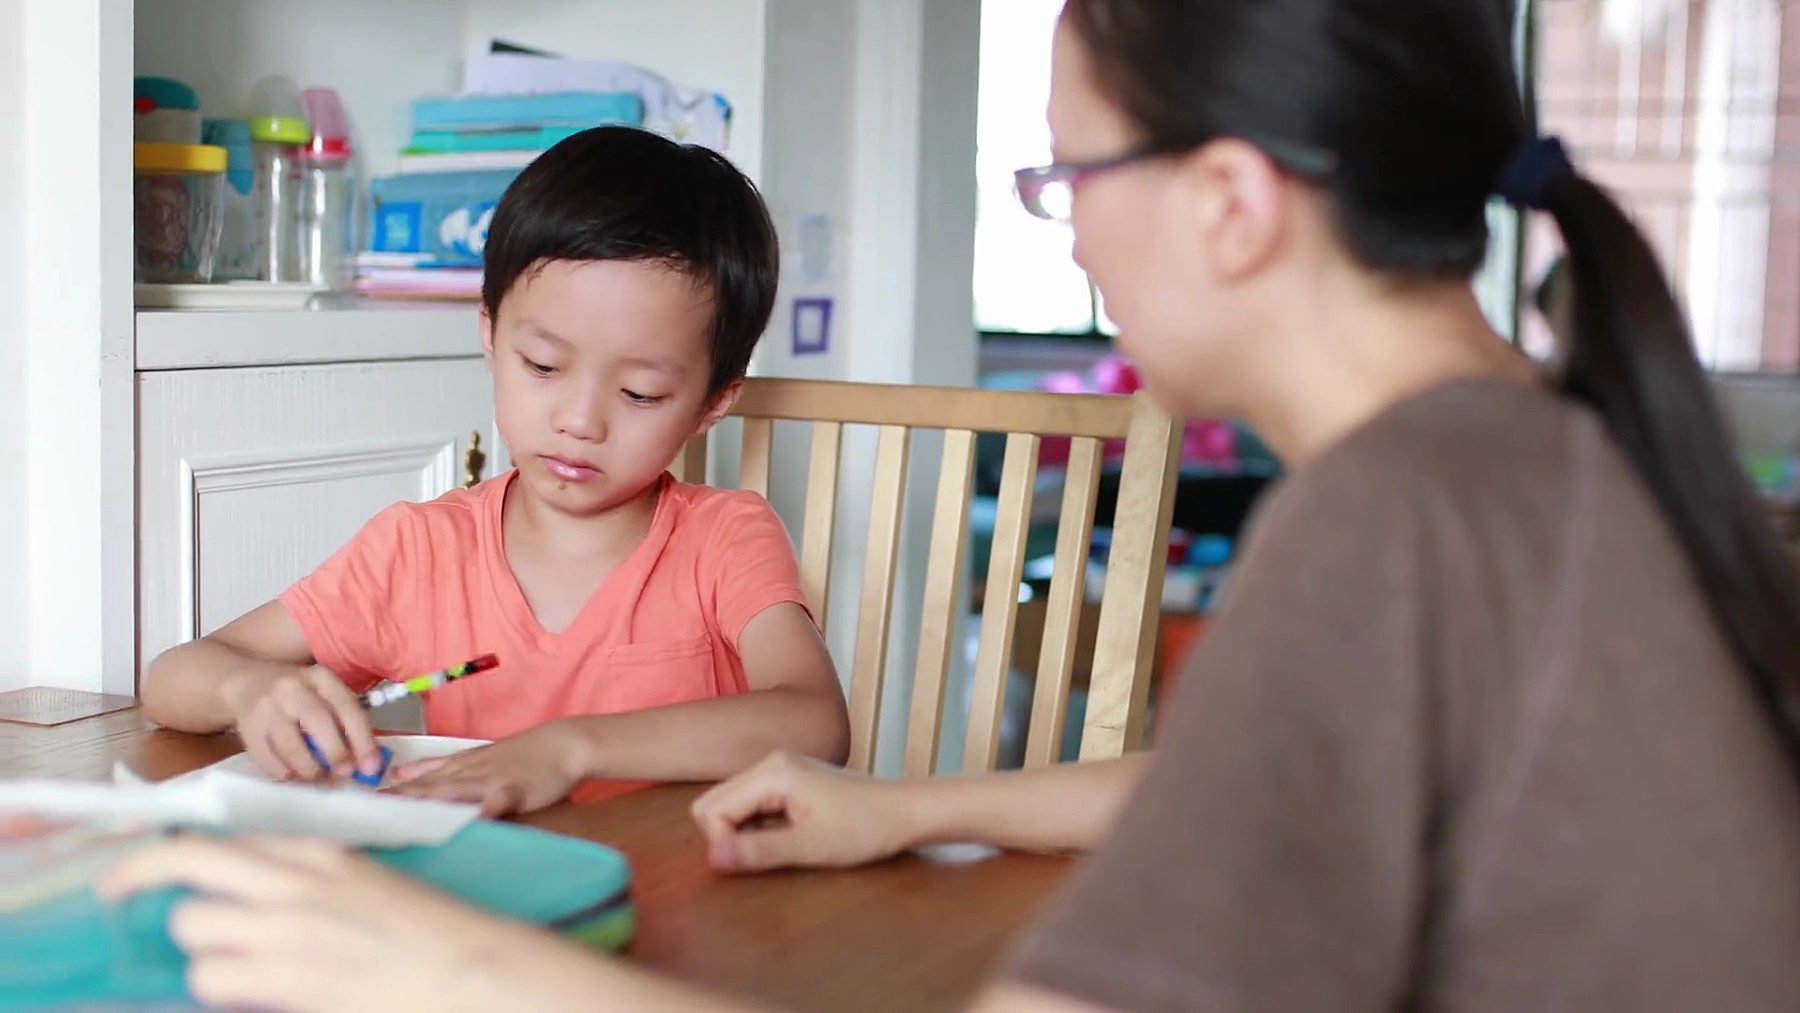 妈妈帮儿子做作业